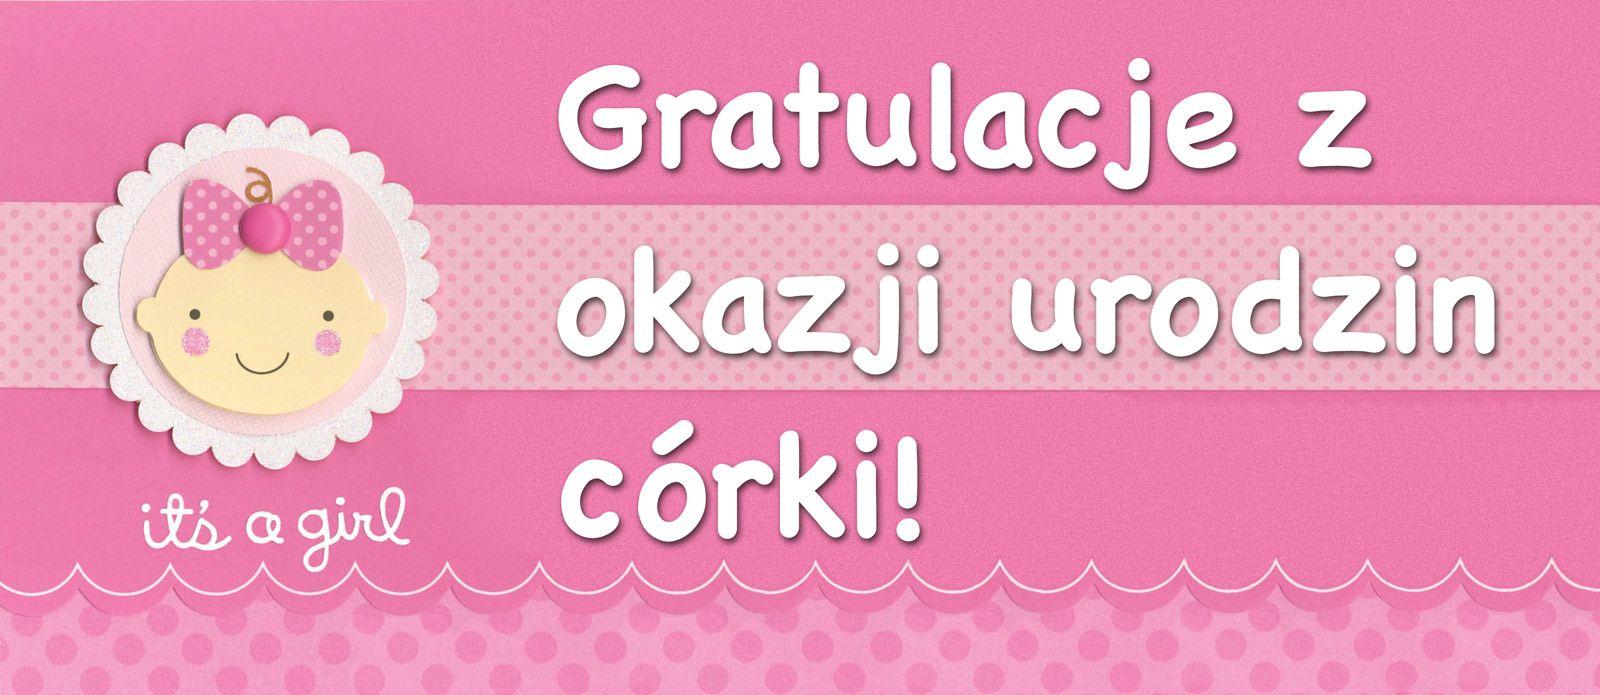 Gratulacje z okazji urodzin córki!